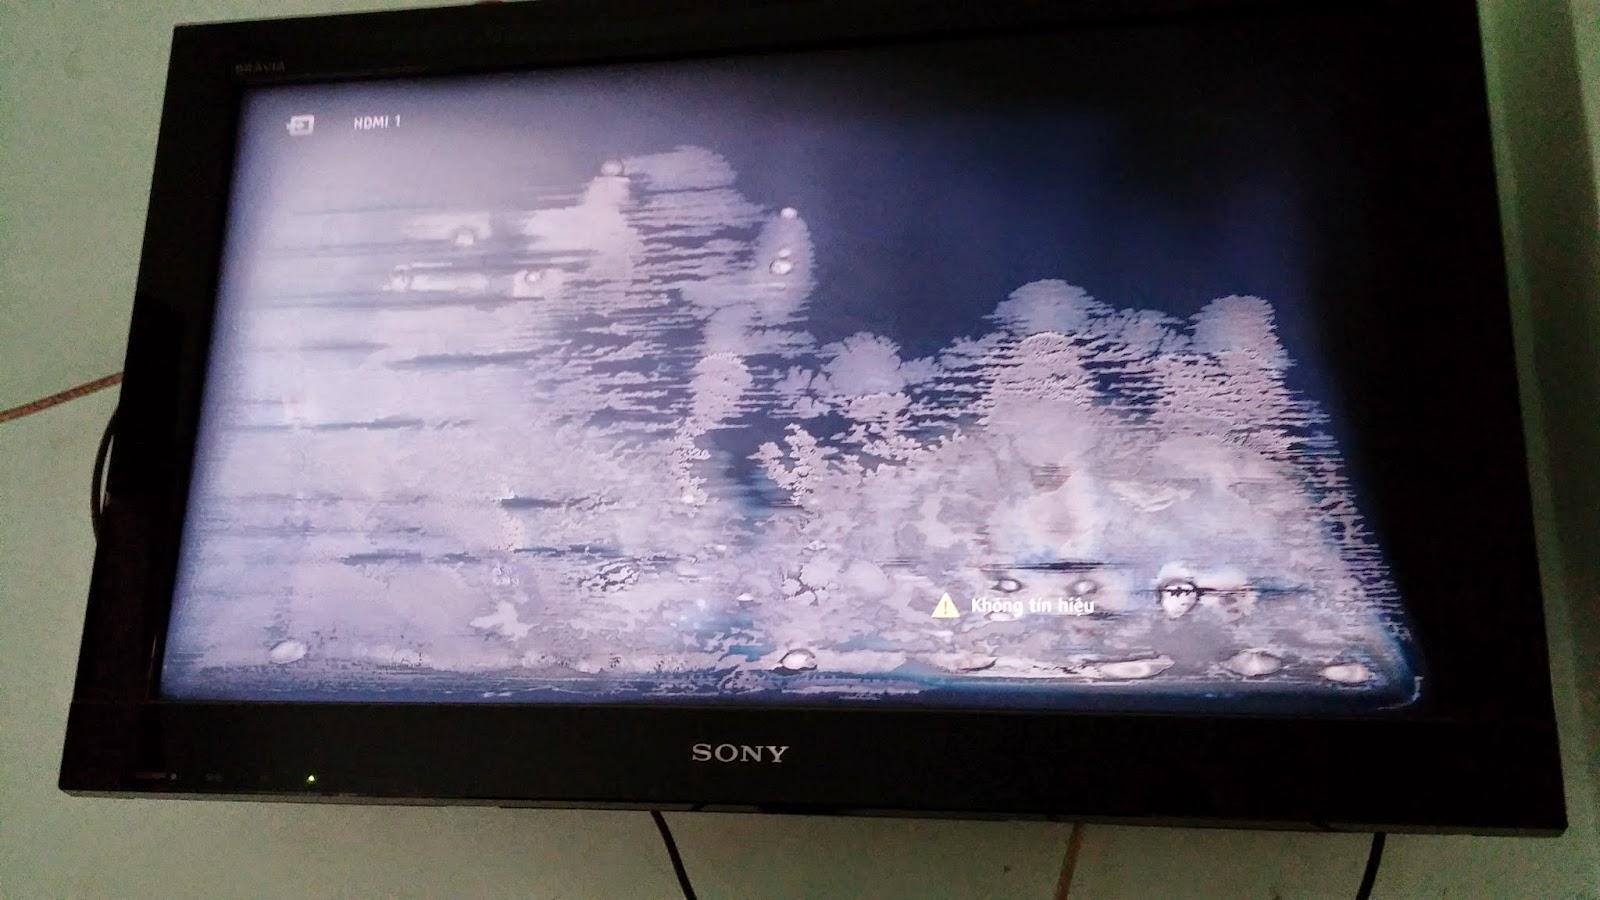 Hướng dẫn tự dán màn hình tivi bị phồng, rộp mốc